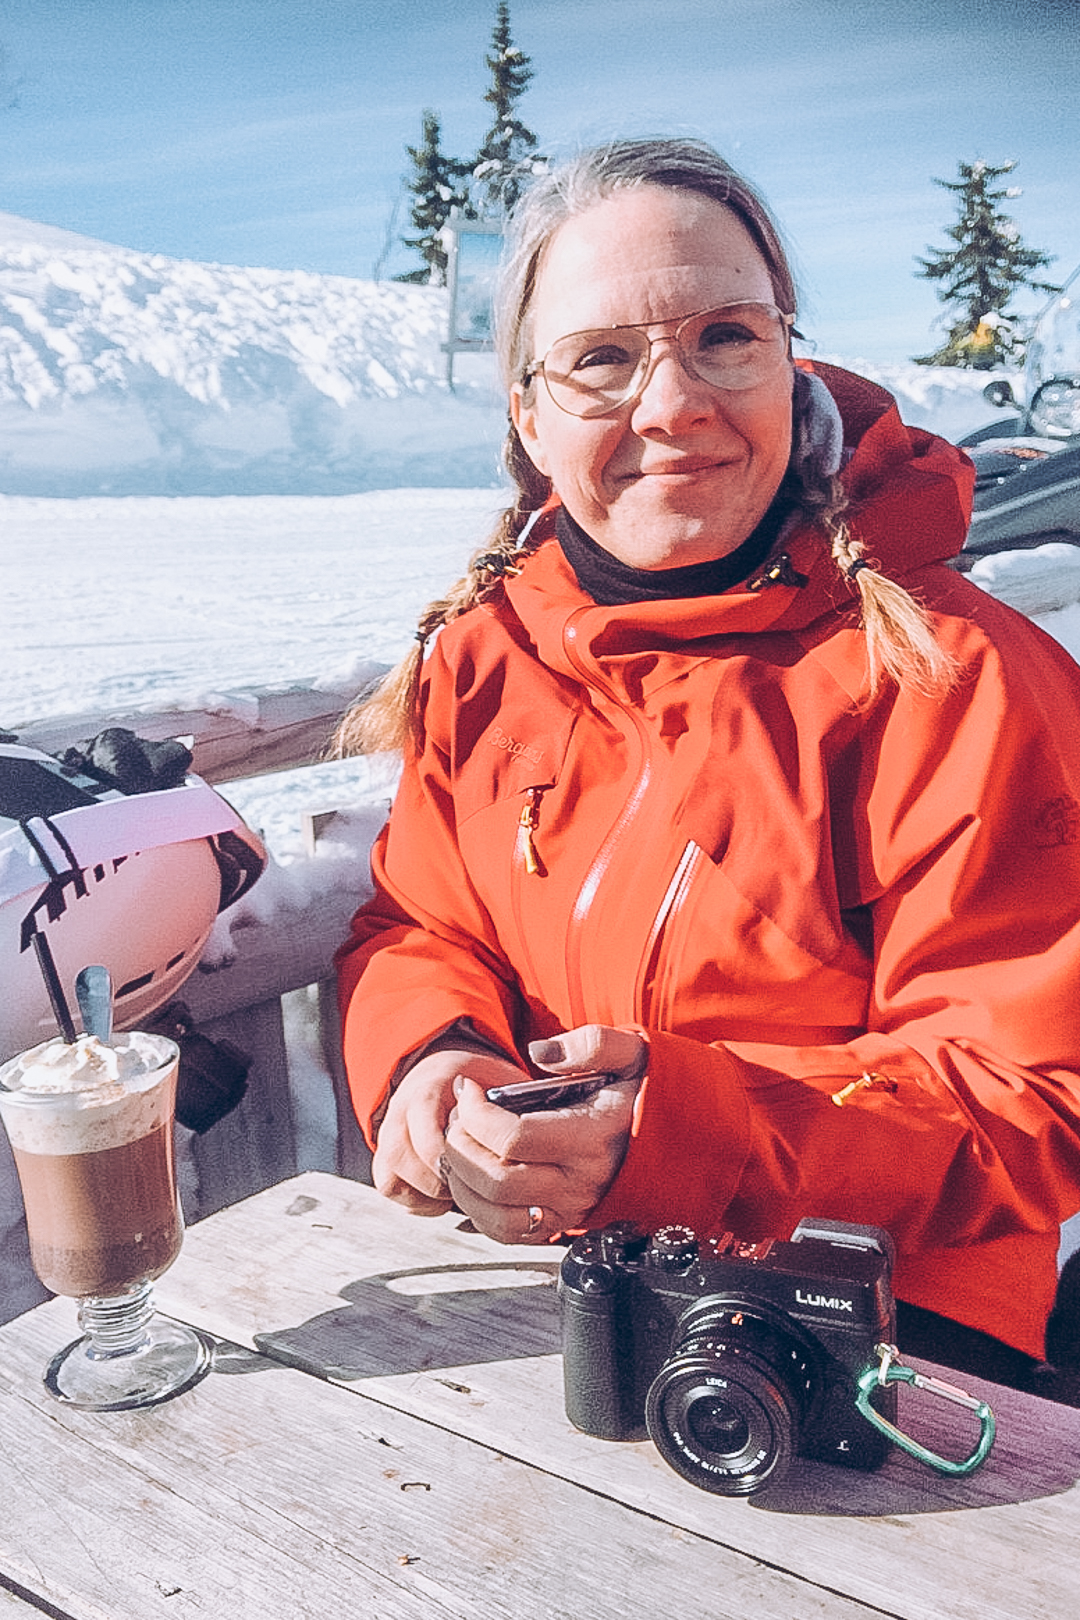 Weekend i Trysil med Gopro hero 6 och Lumix GX8 och Leica 15mm som ambassadör för Kvinnliga äventyrare